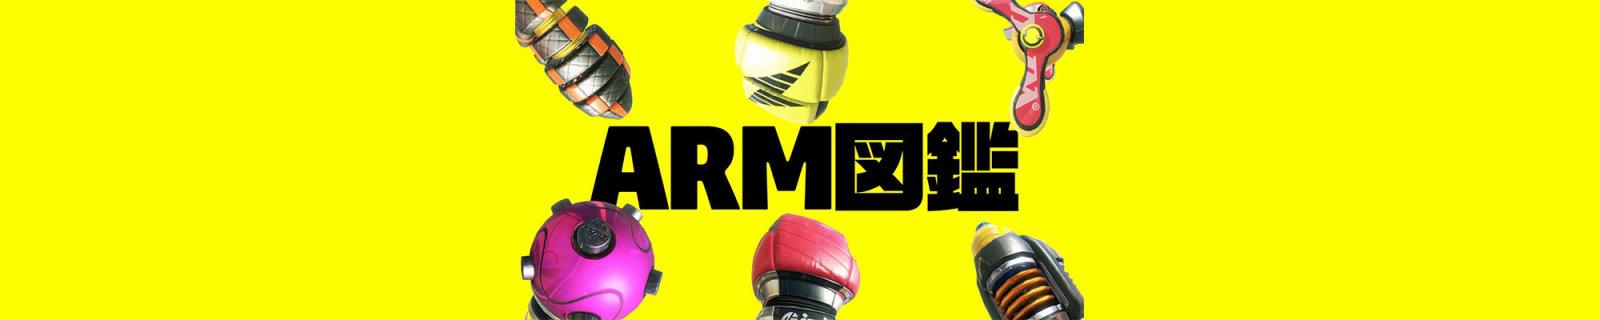 《ARMS》公开角色介绍和拳套介绍视频